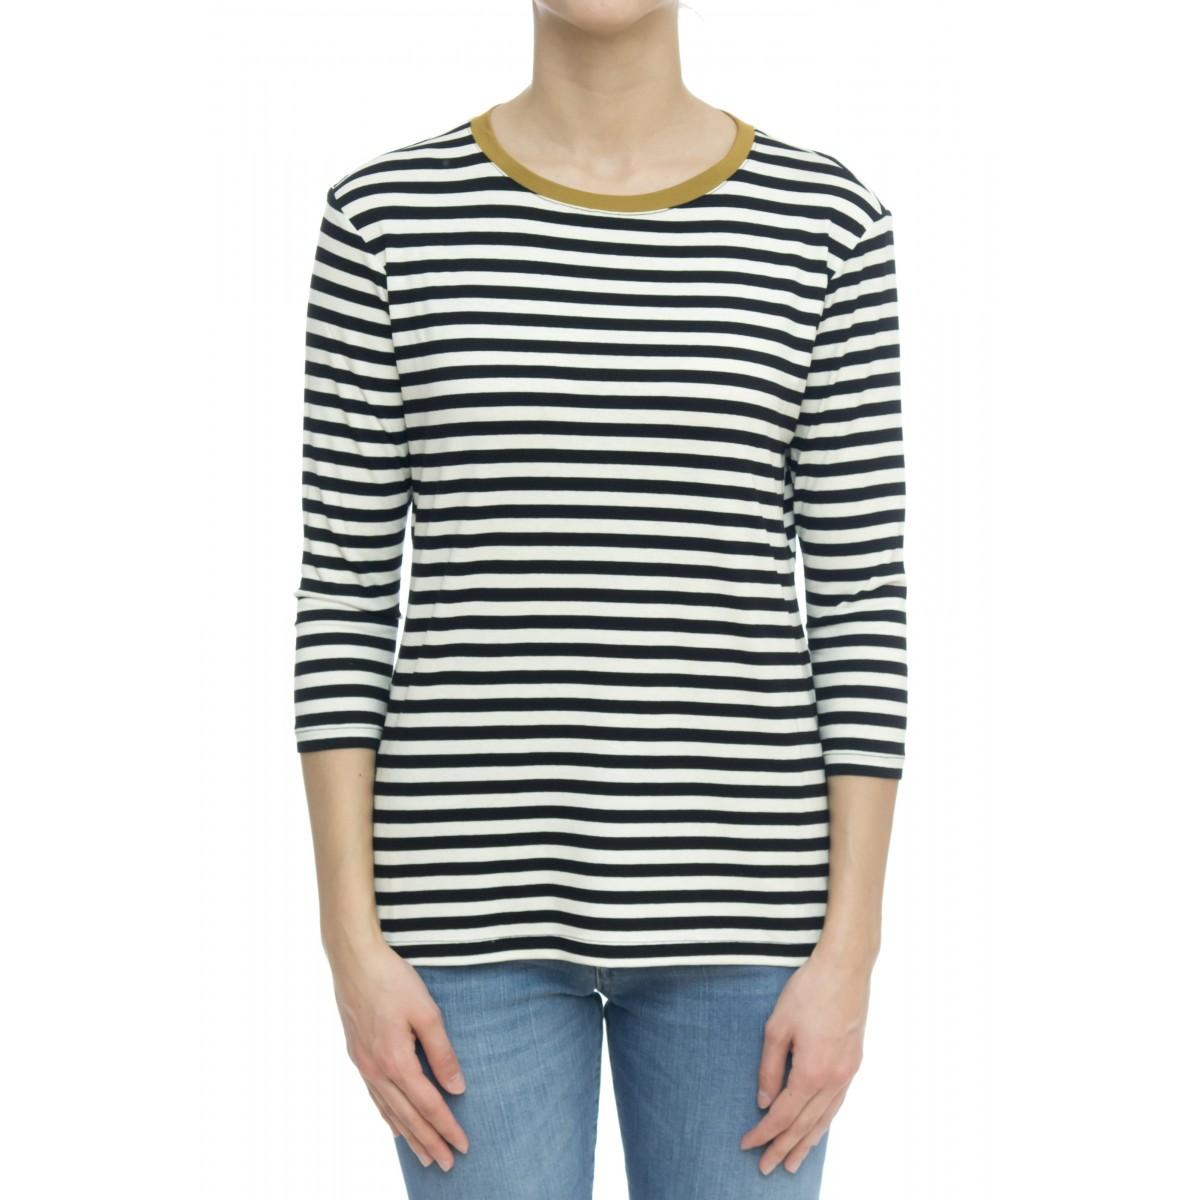 T-shirt - 521 j13 t-shirt rigata